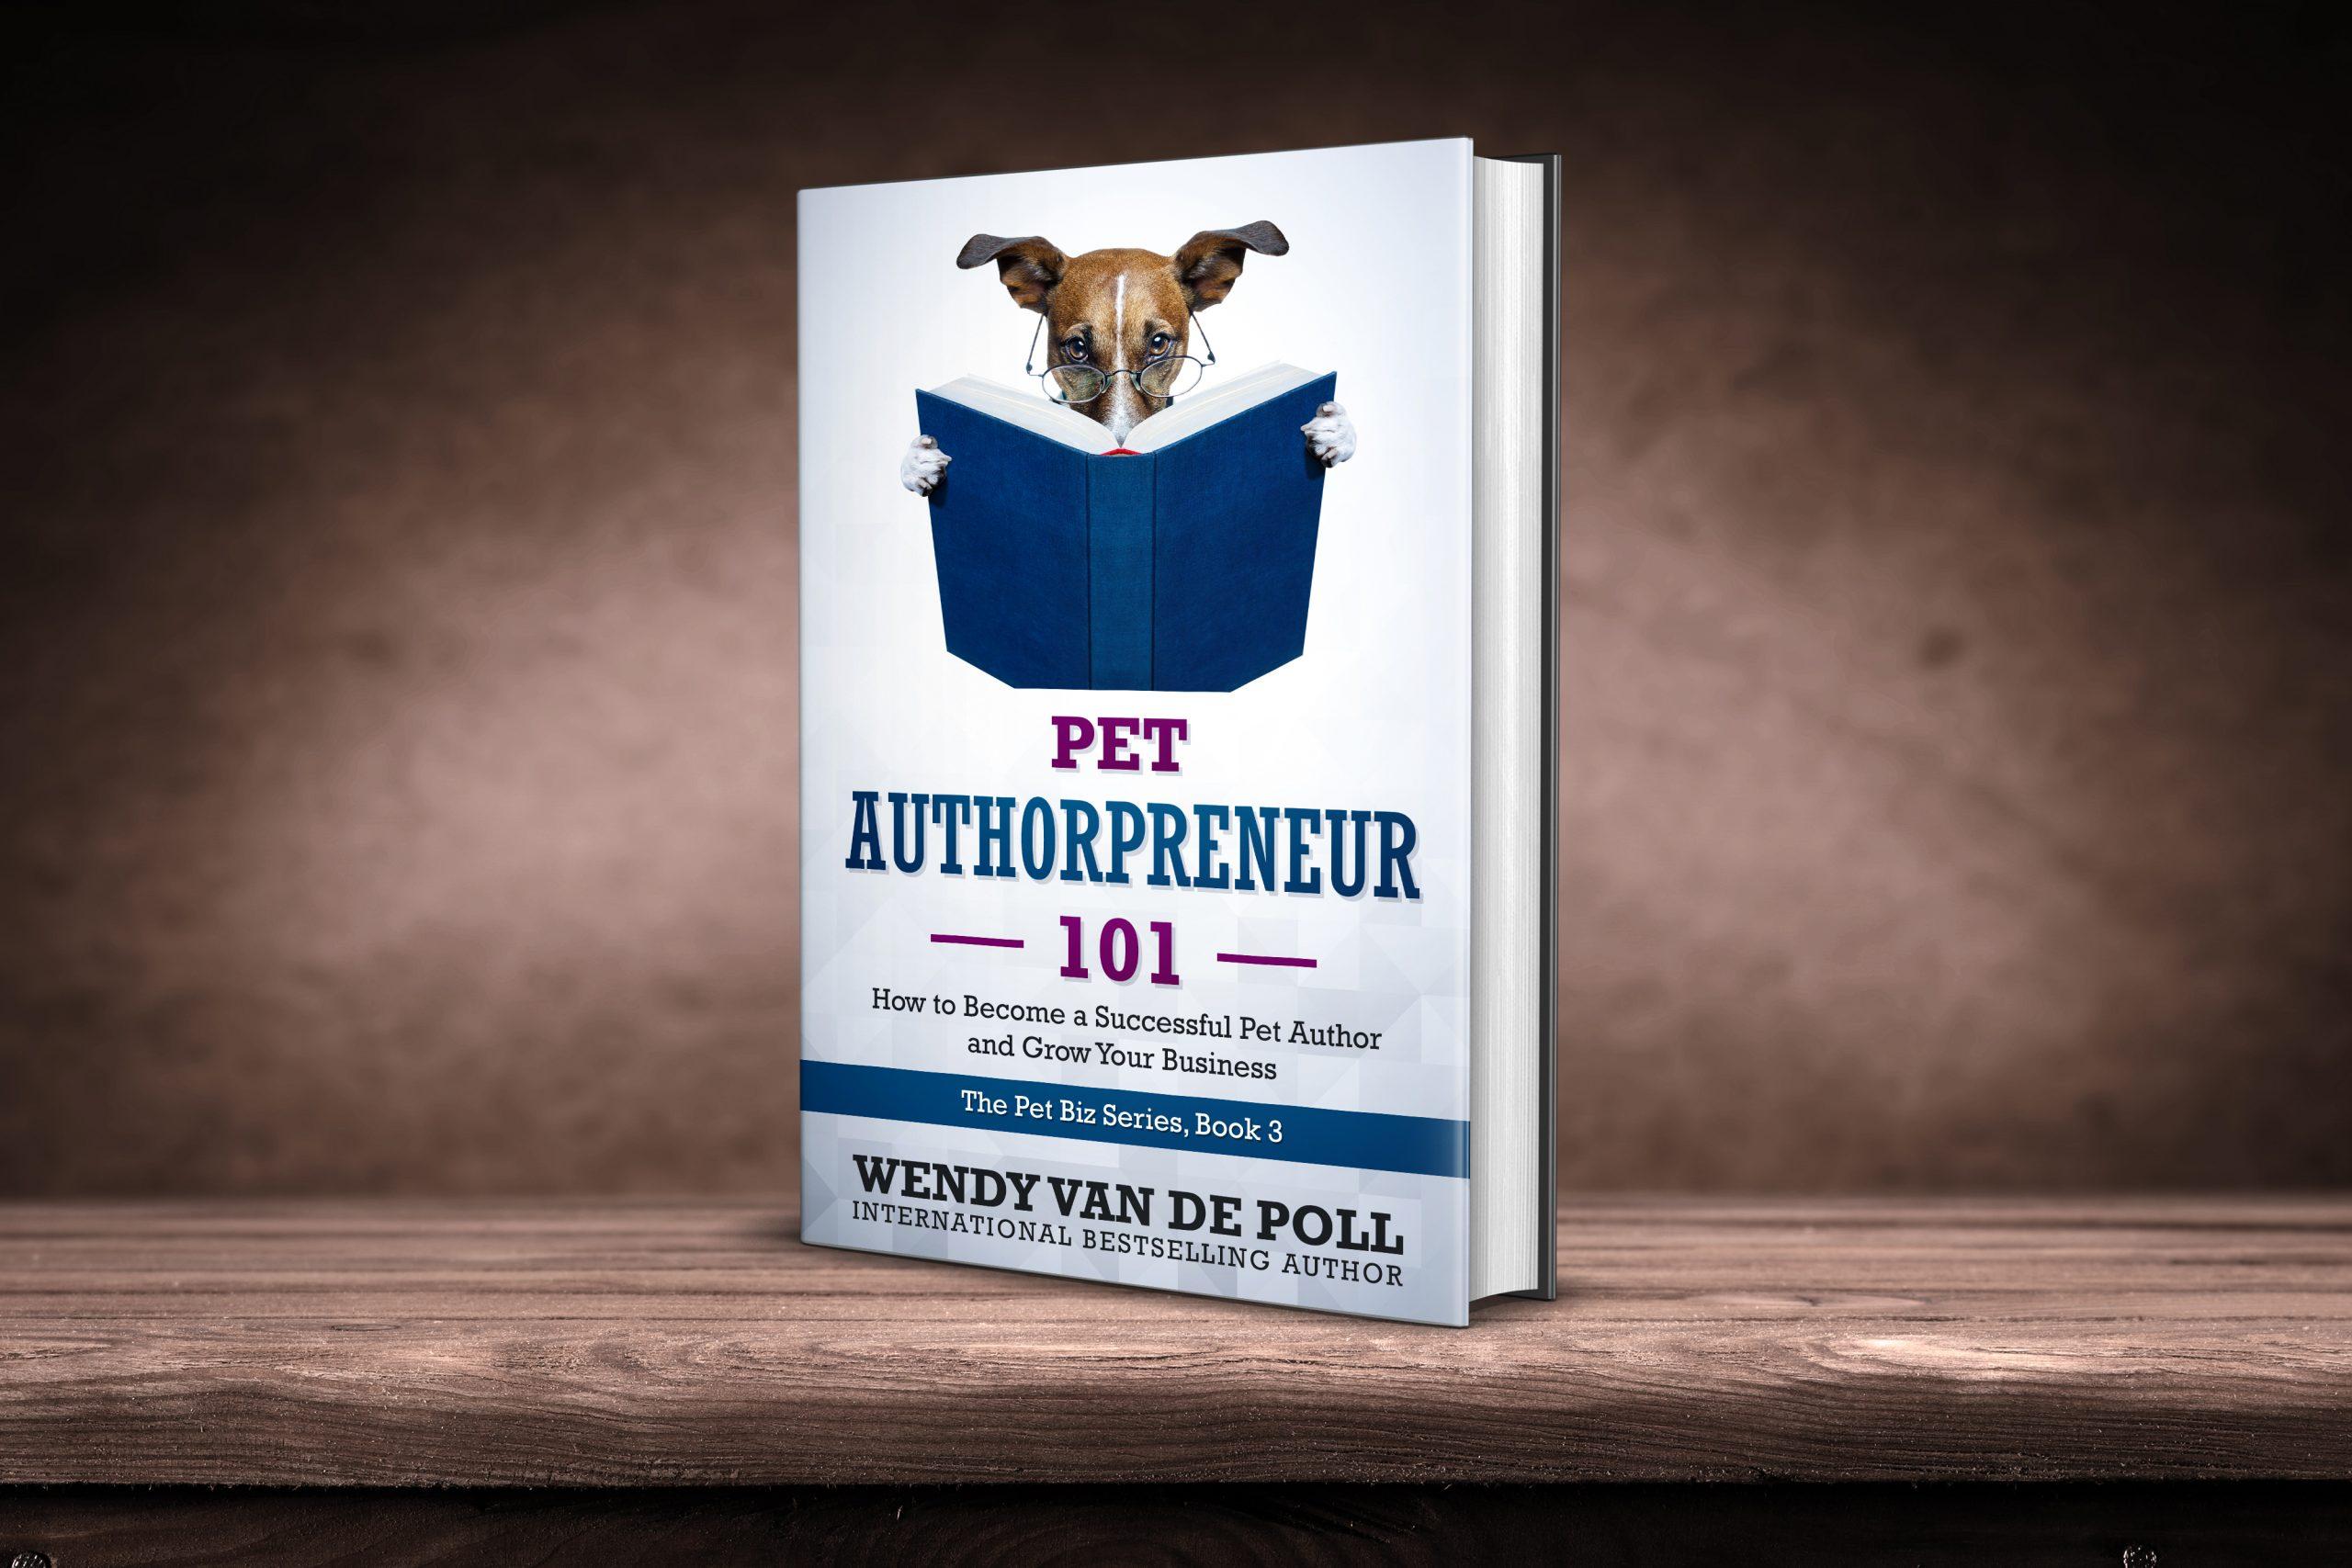 Pet Authorpreneur 101